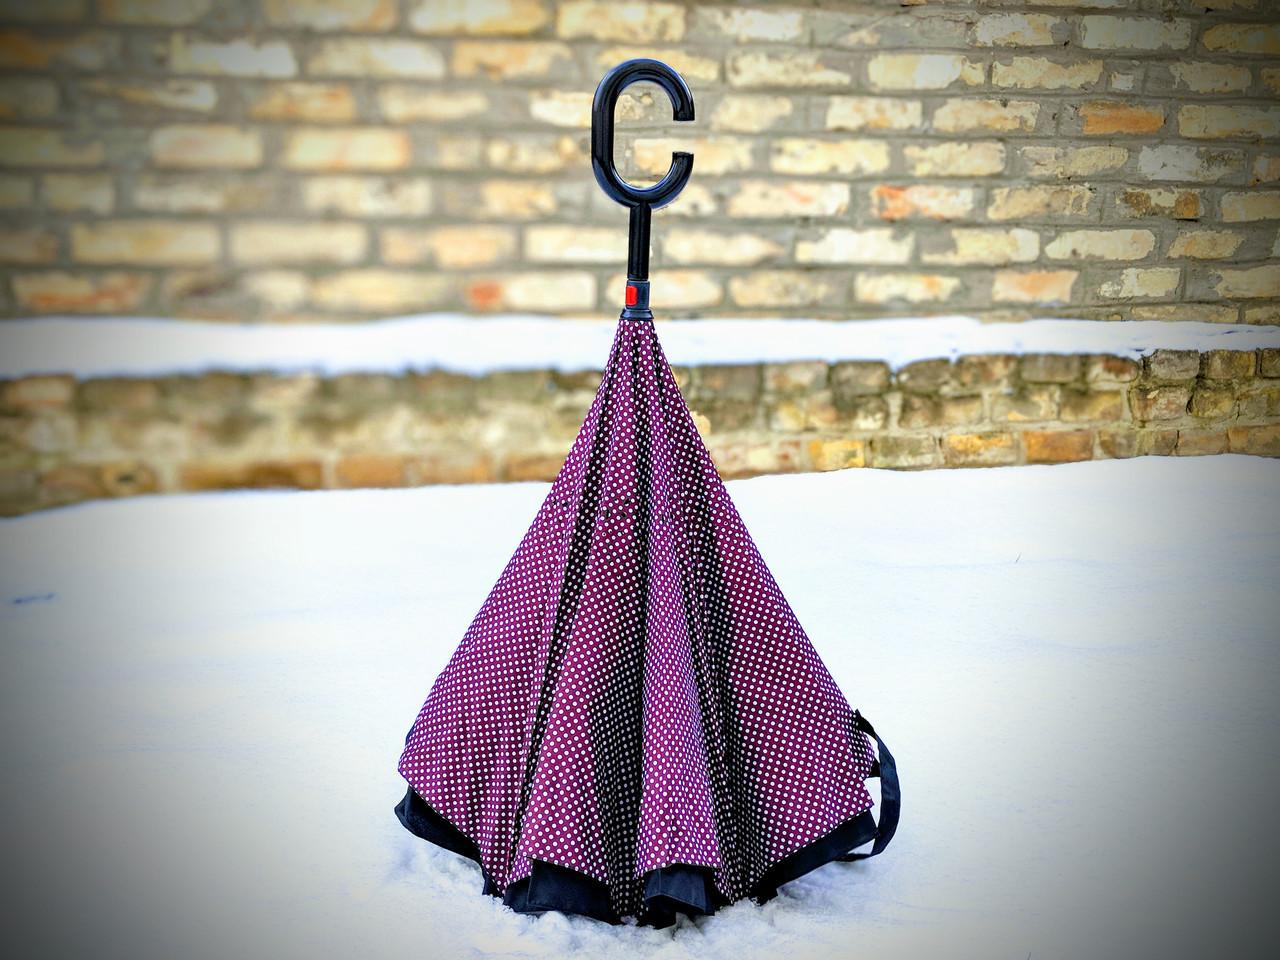 Зонт-наоборот, up-brella, механический, сиреневый